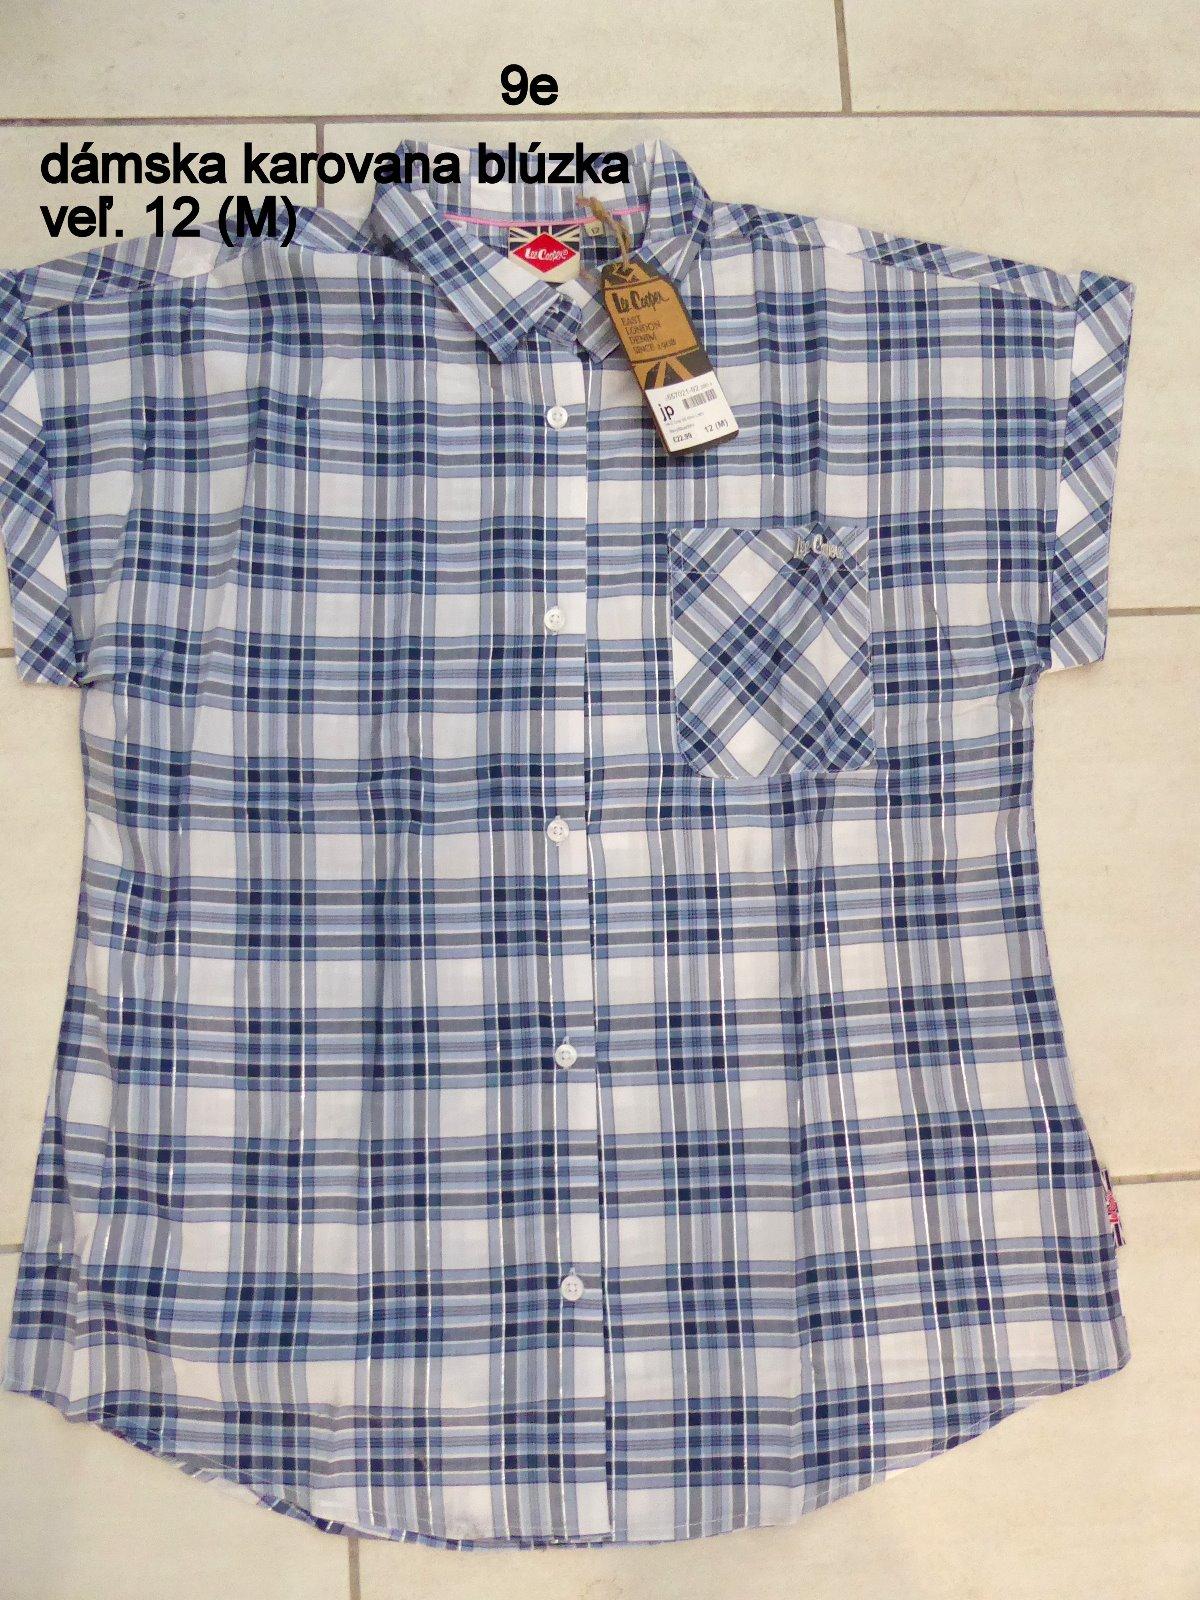 965eda2eeb72 Dámska košeľa